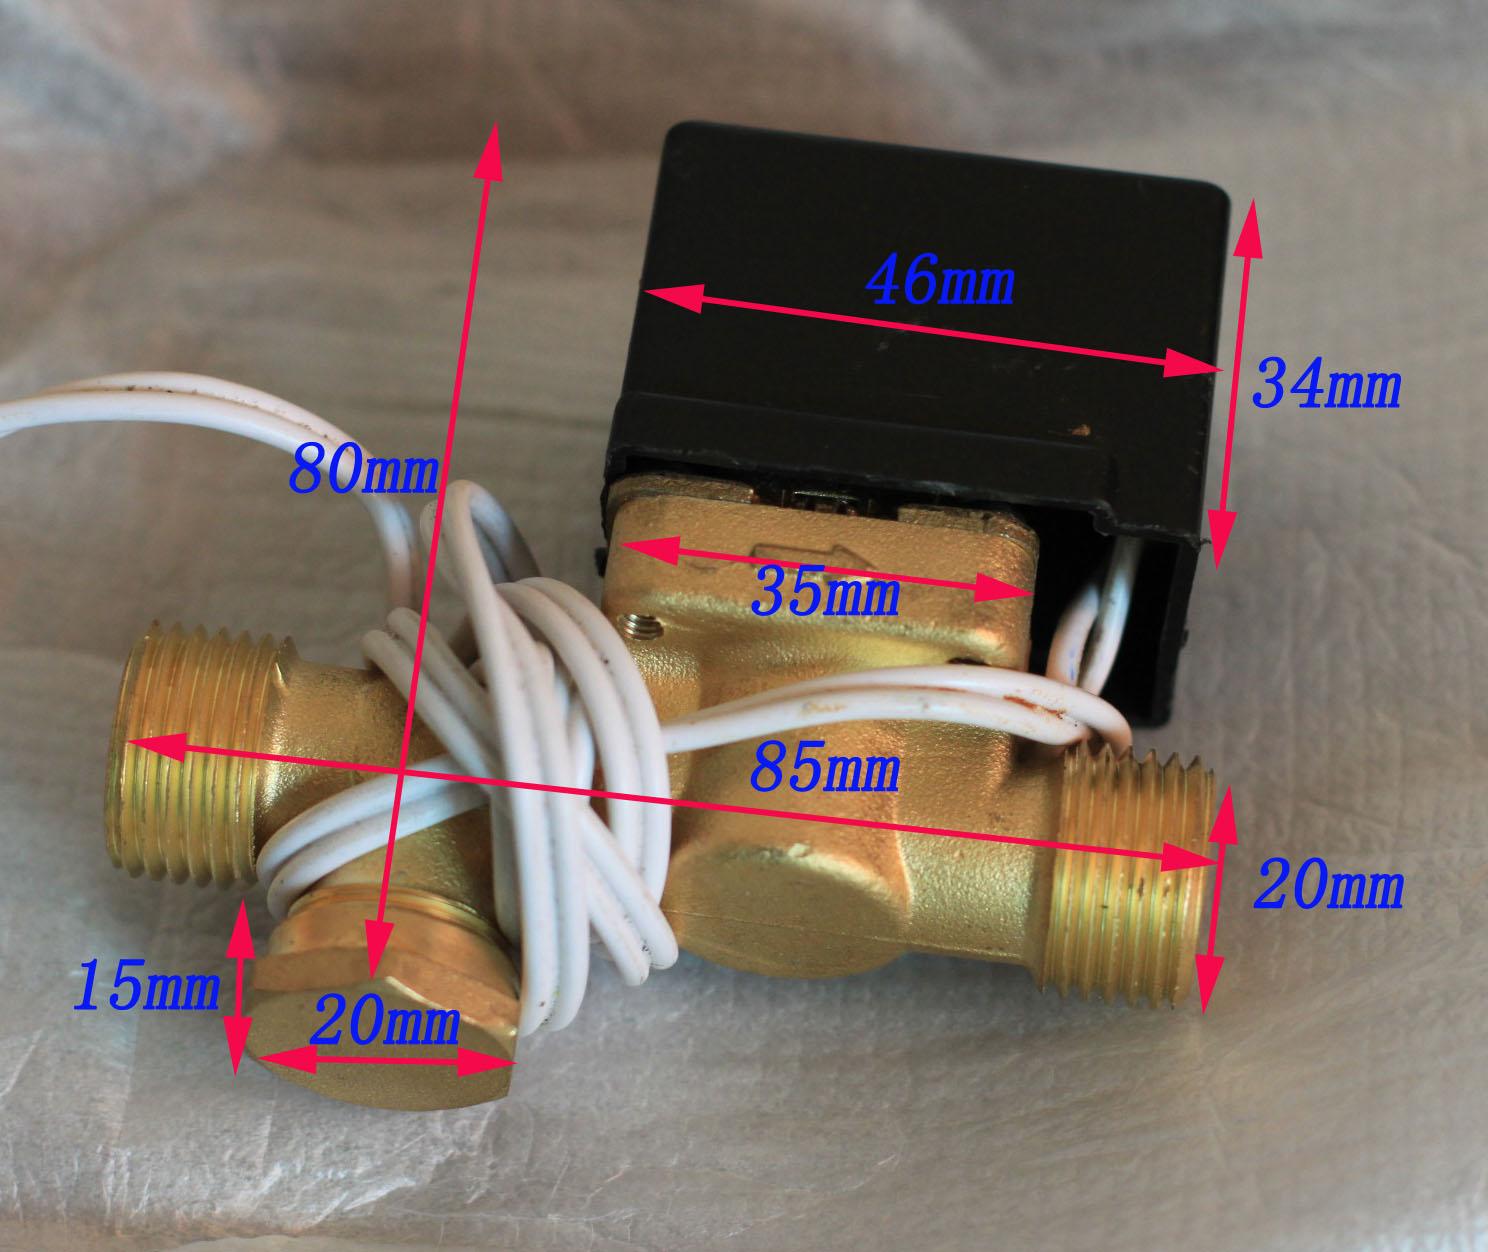 Клапан соленоидный Медные солнечной горячей воды электромагнитный клапан заполнения клапан dc12v 4 нормально закрытый клапан меди давления клапан